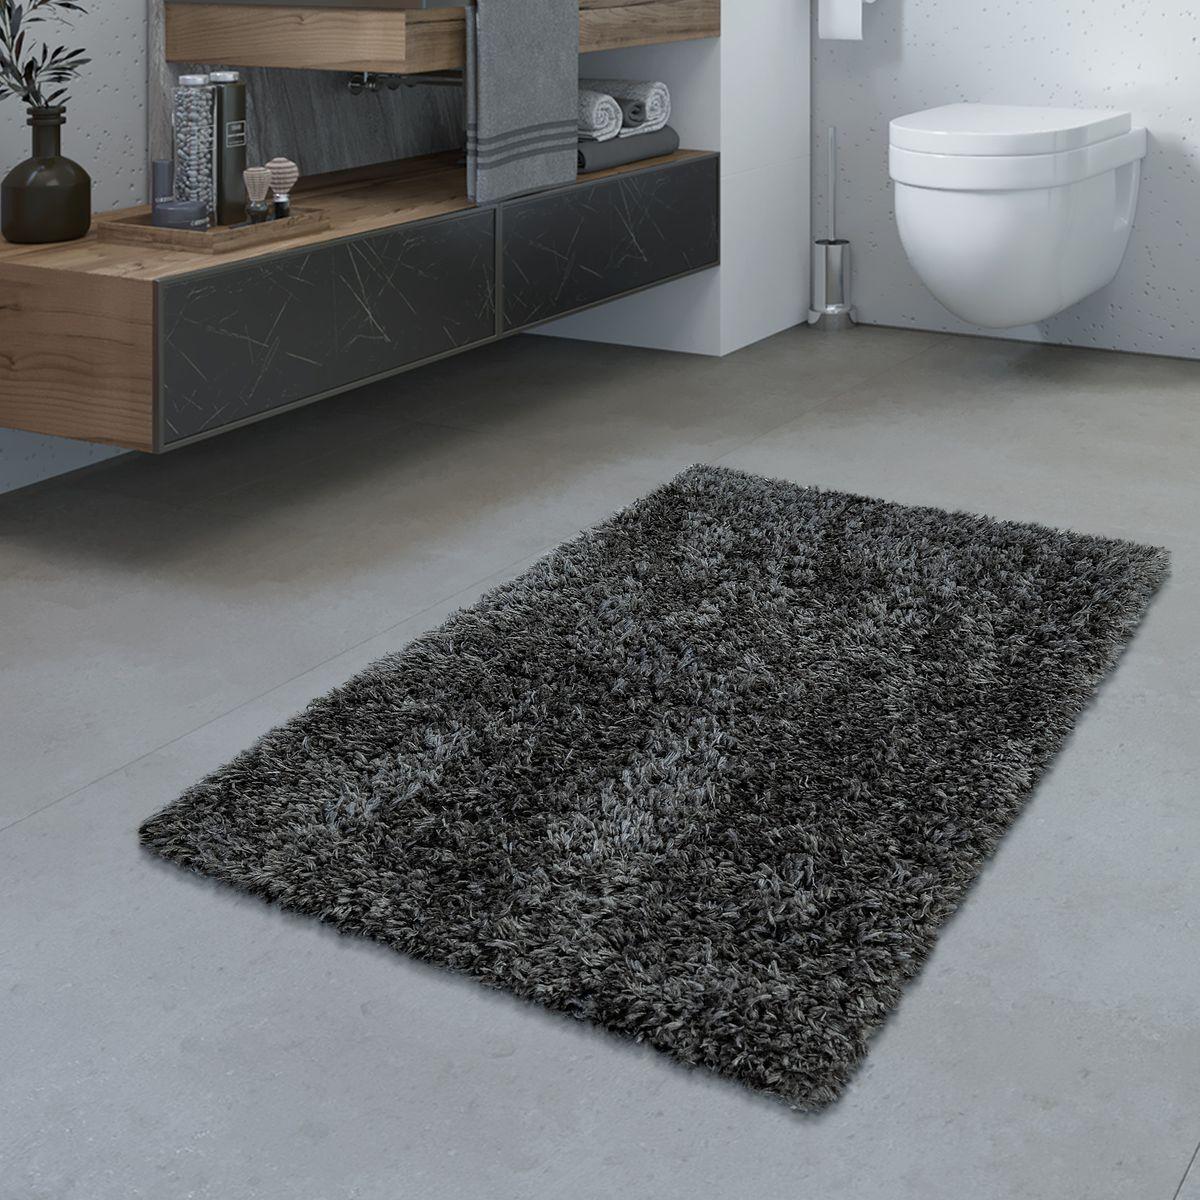 Badezimmer Teppich Hochflor Badematte Modern Kuschelig Weich Uni Grau